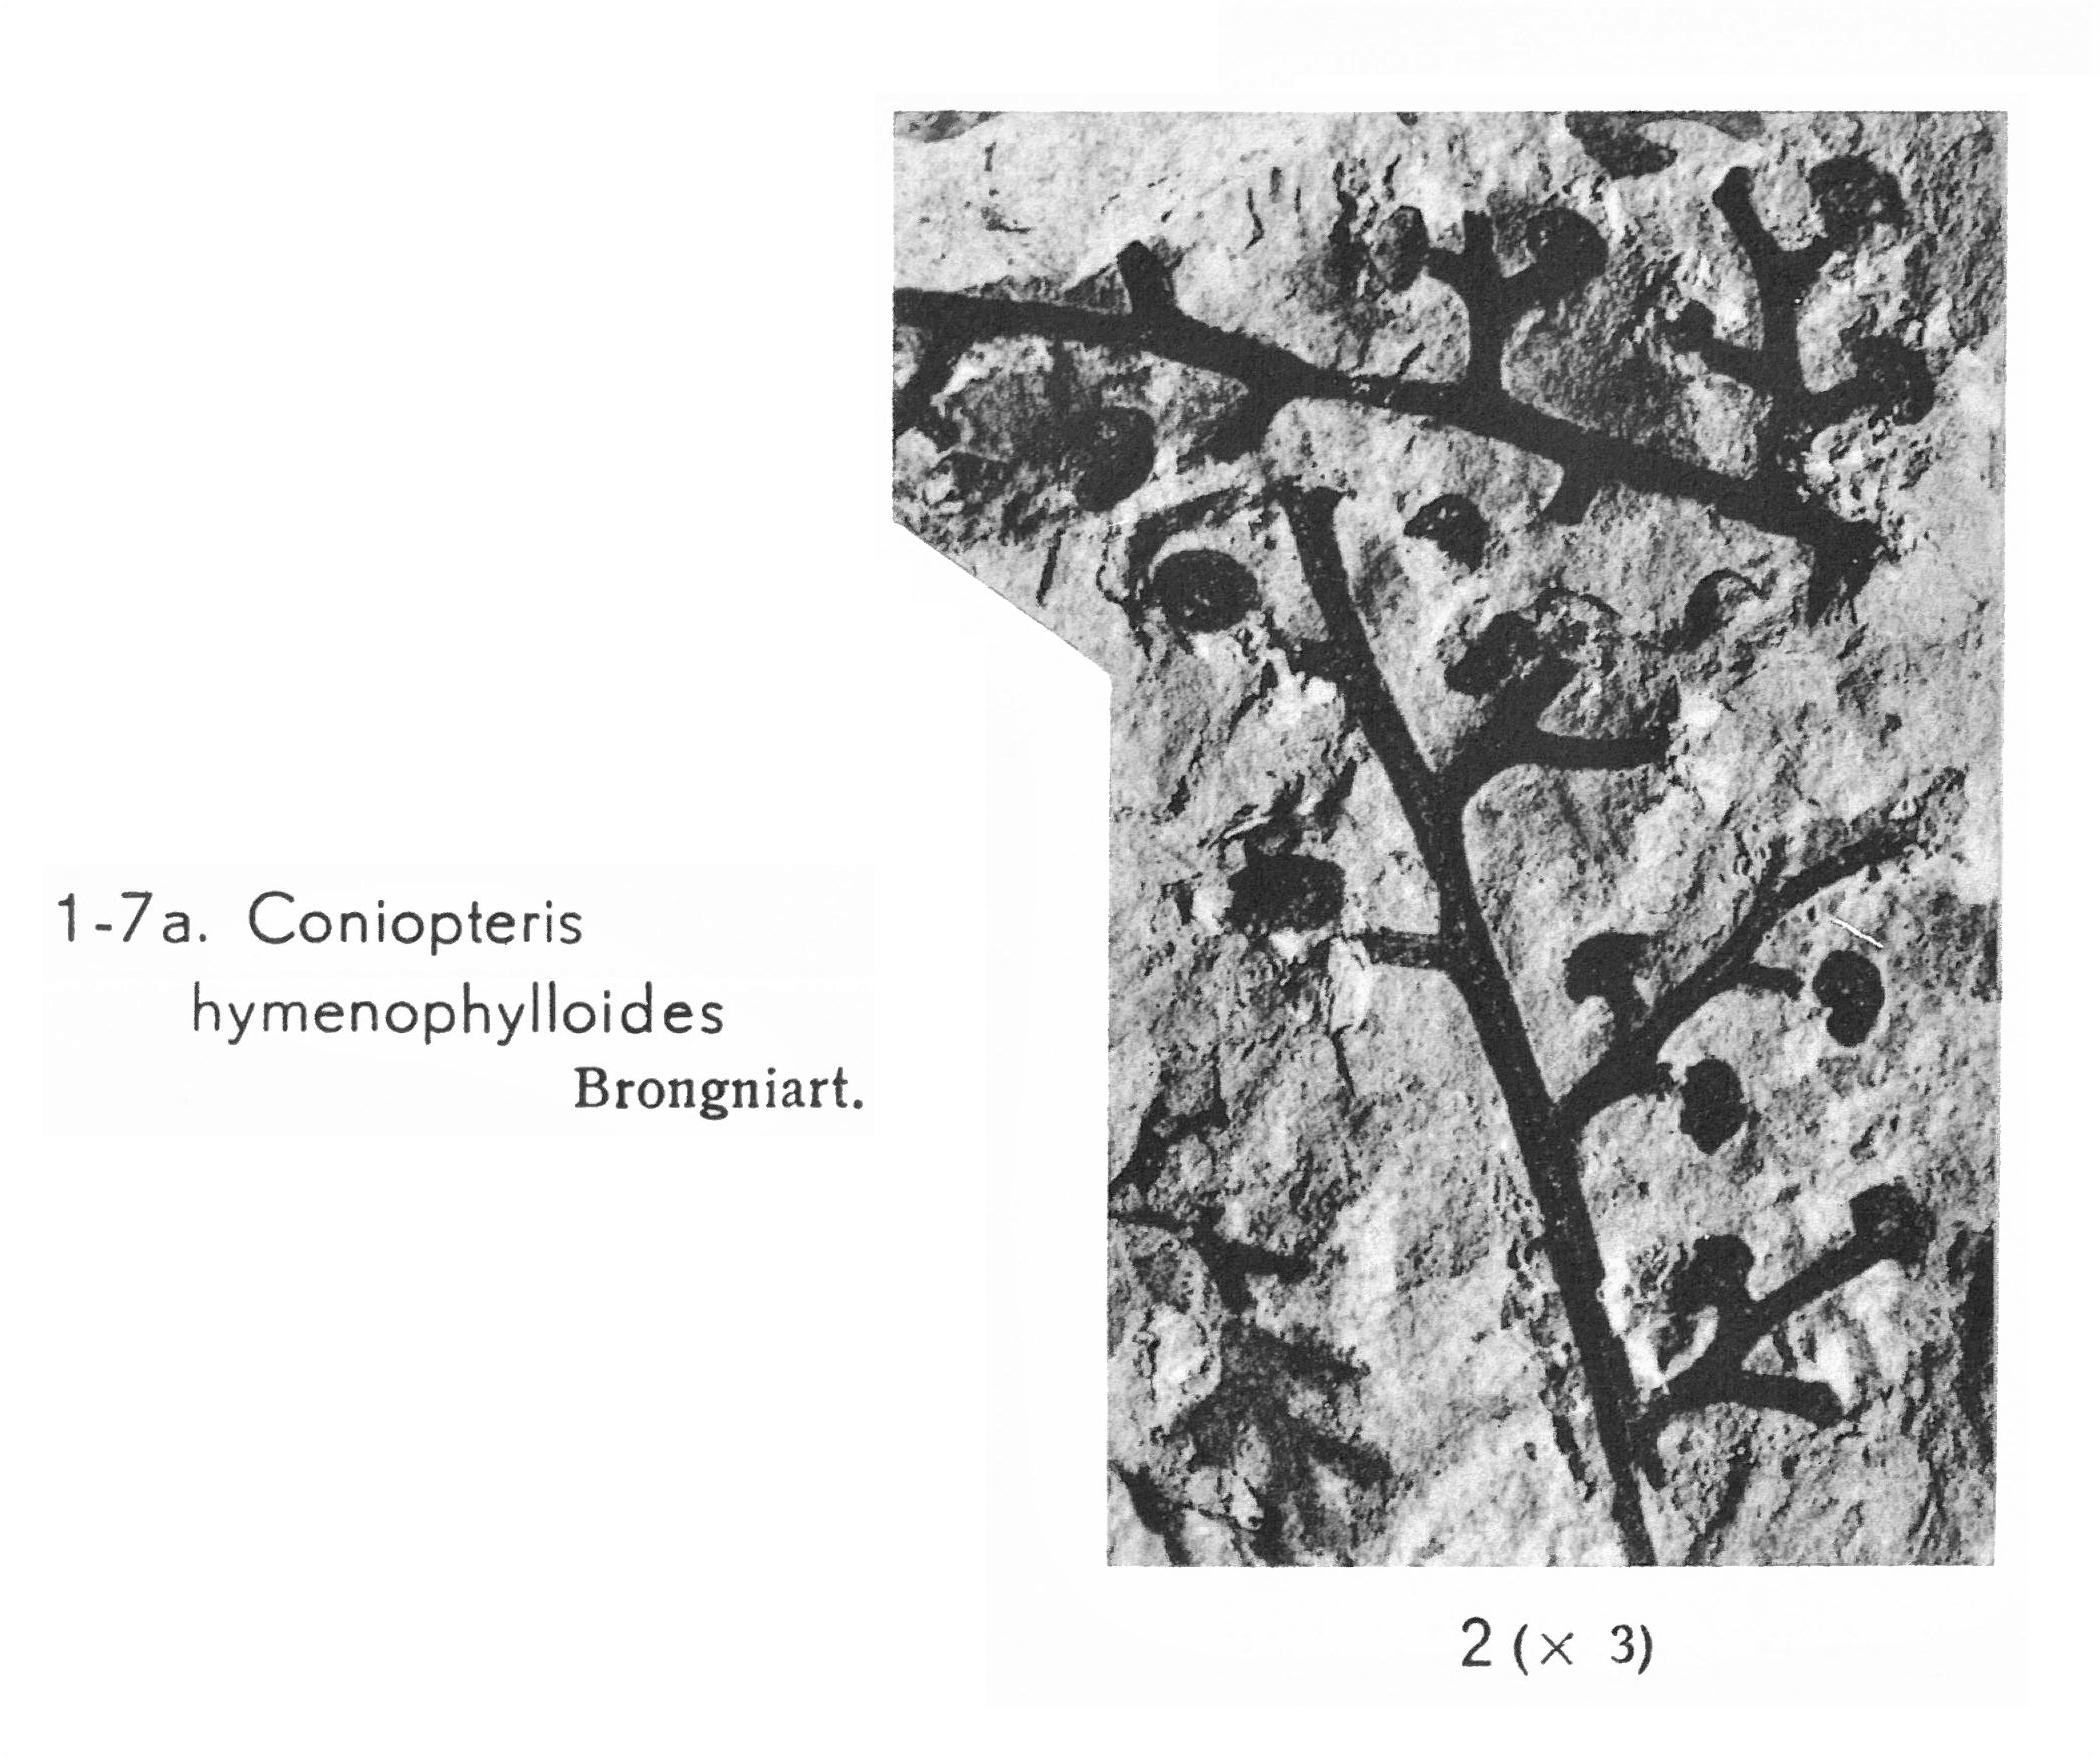 Pl. I ; Fig 2